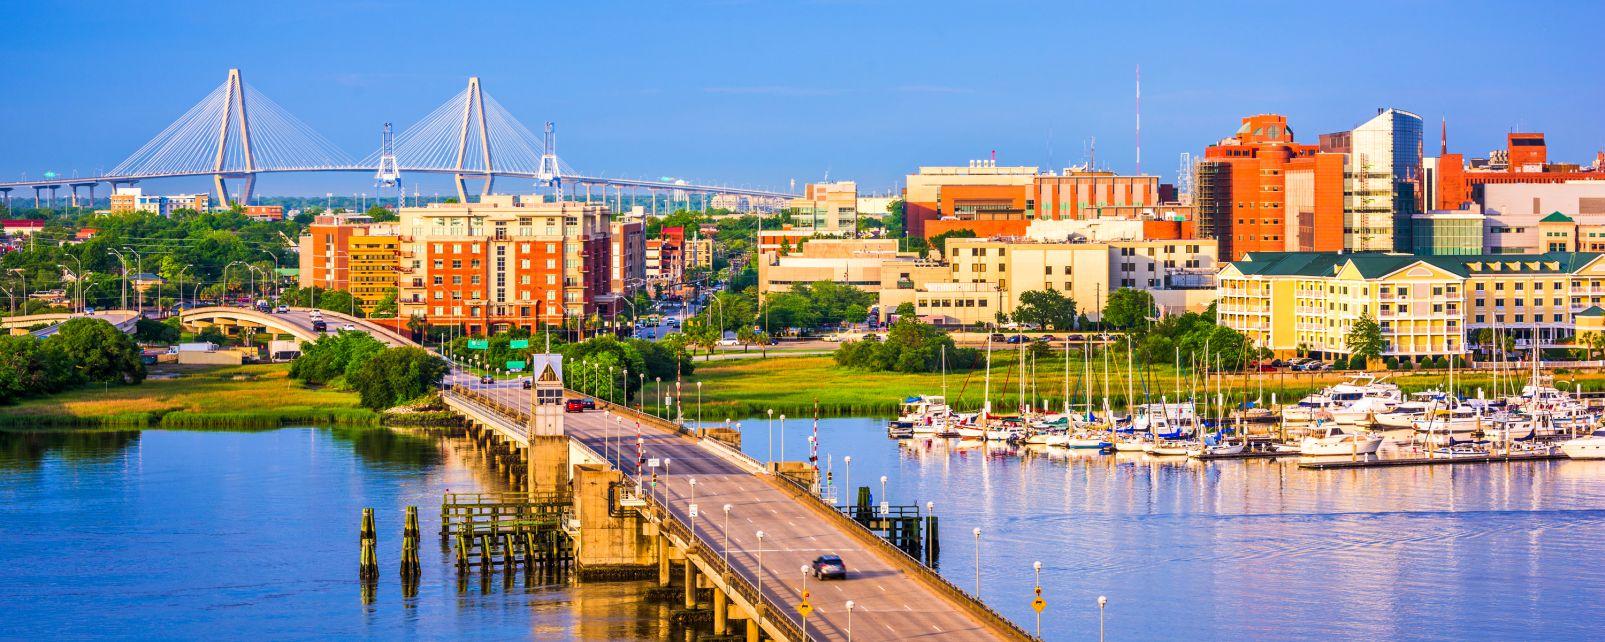 Charleston, Le sud des Etats-Unis, Etats-Unis, Charleston sur la rivière Ashley